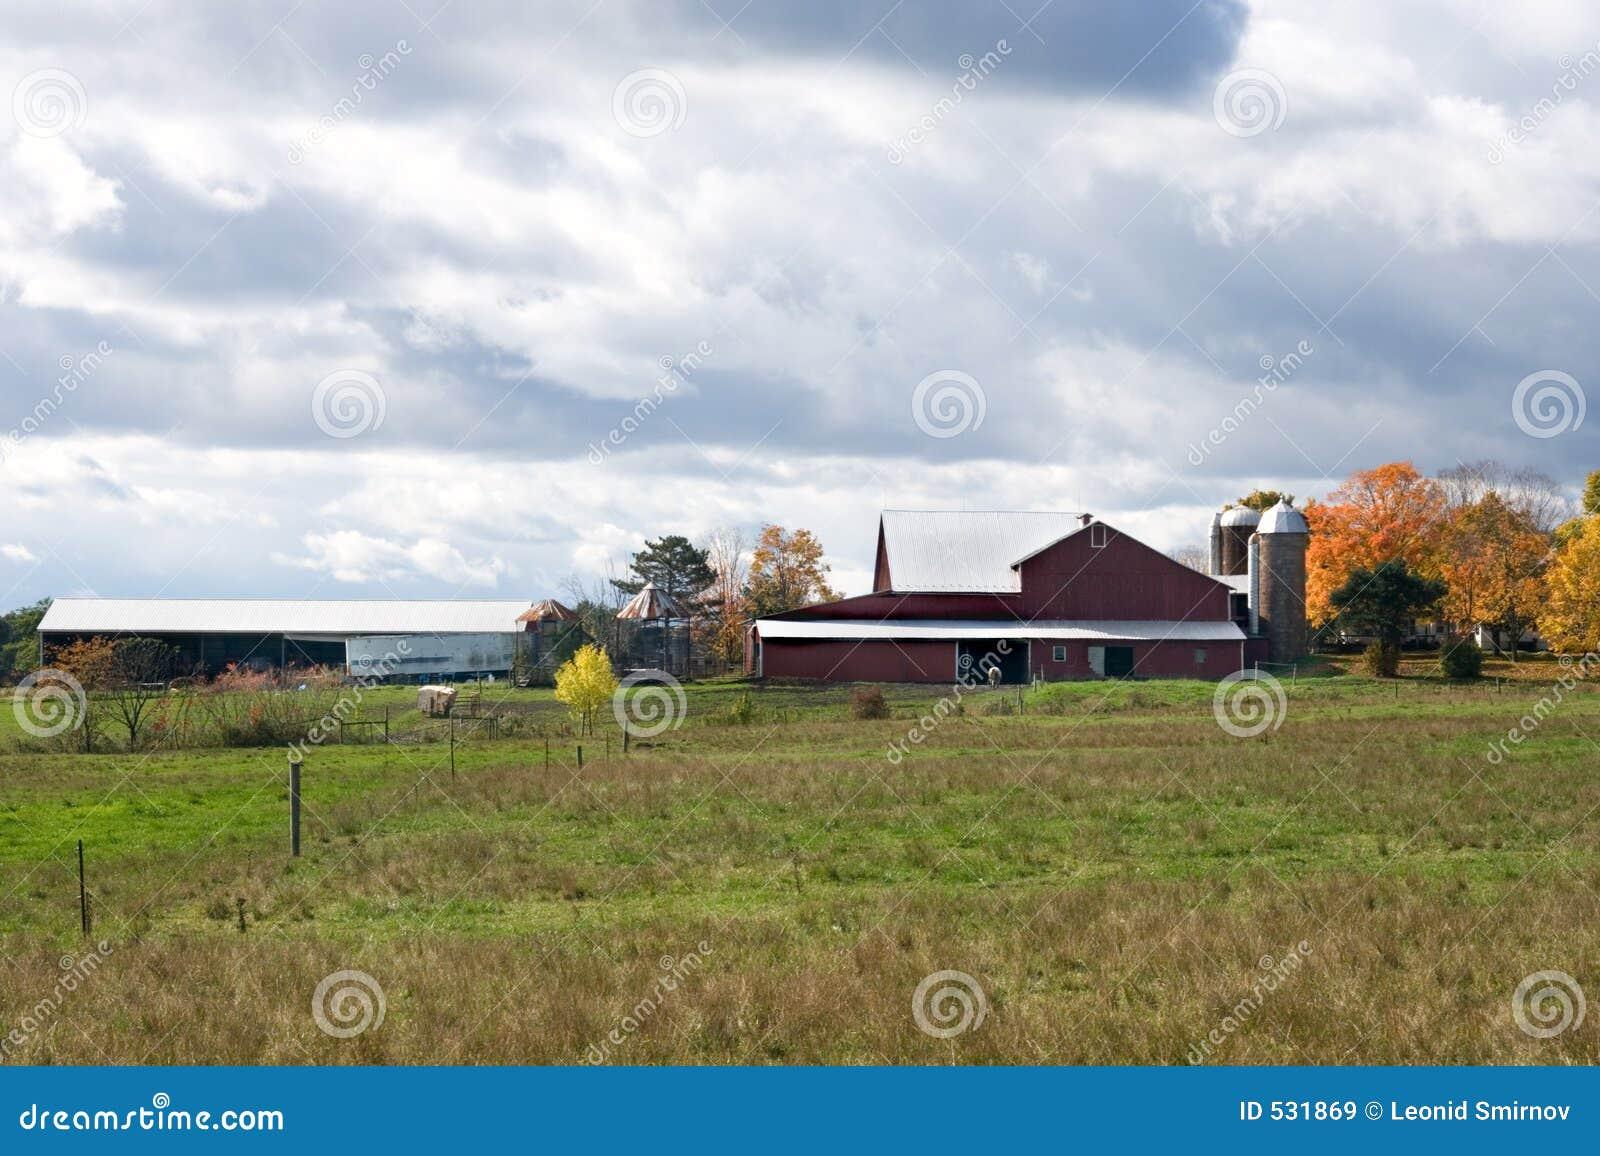 Download 在天空的农场 库存图片. 图片 包括有 arbored, 尖刻的, 拱道, 秋天, 布琼布拉, 吠声, 农田 - 531869